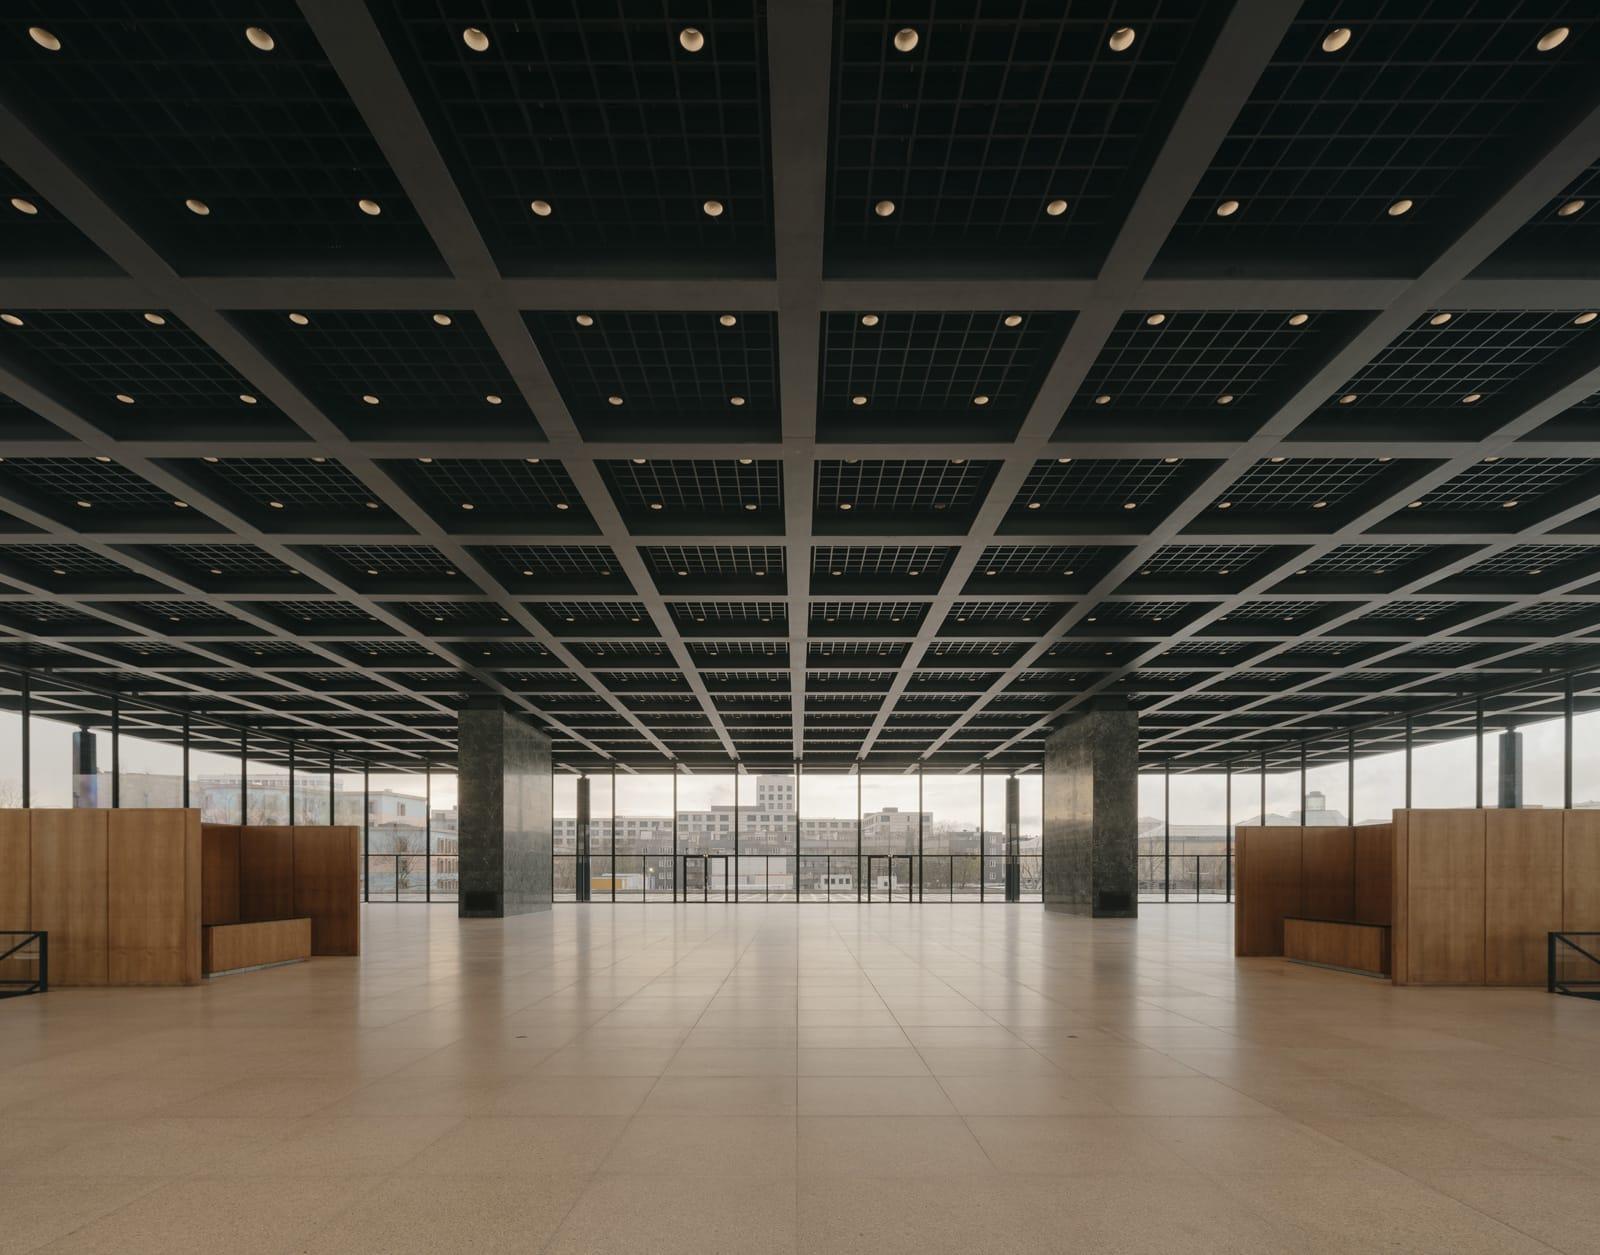 Neue Nationalgalerie Refurbishment  - 20210625 Chipperfield NeueNationalgalerieRefurbishment 05 39